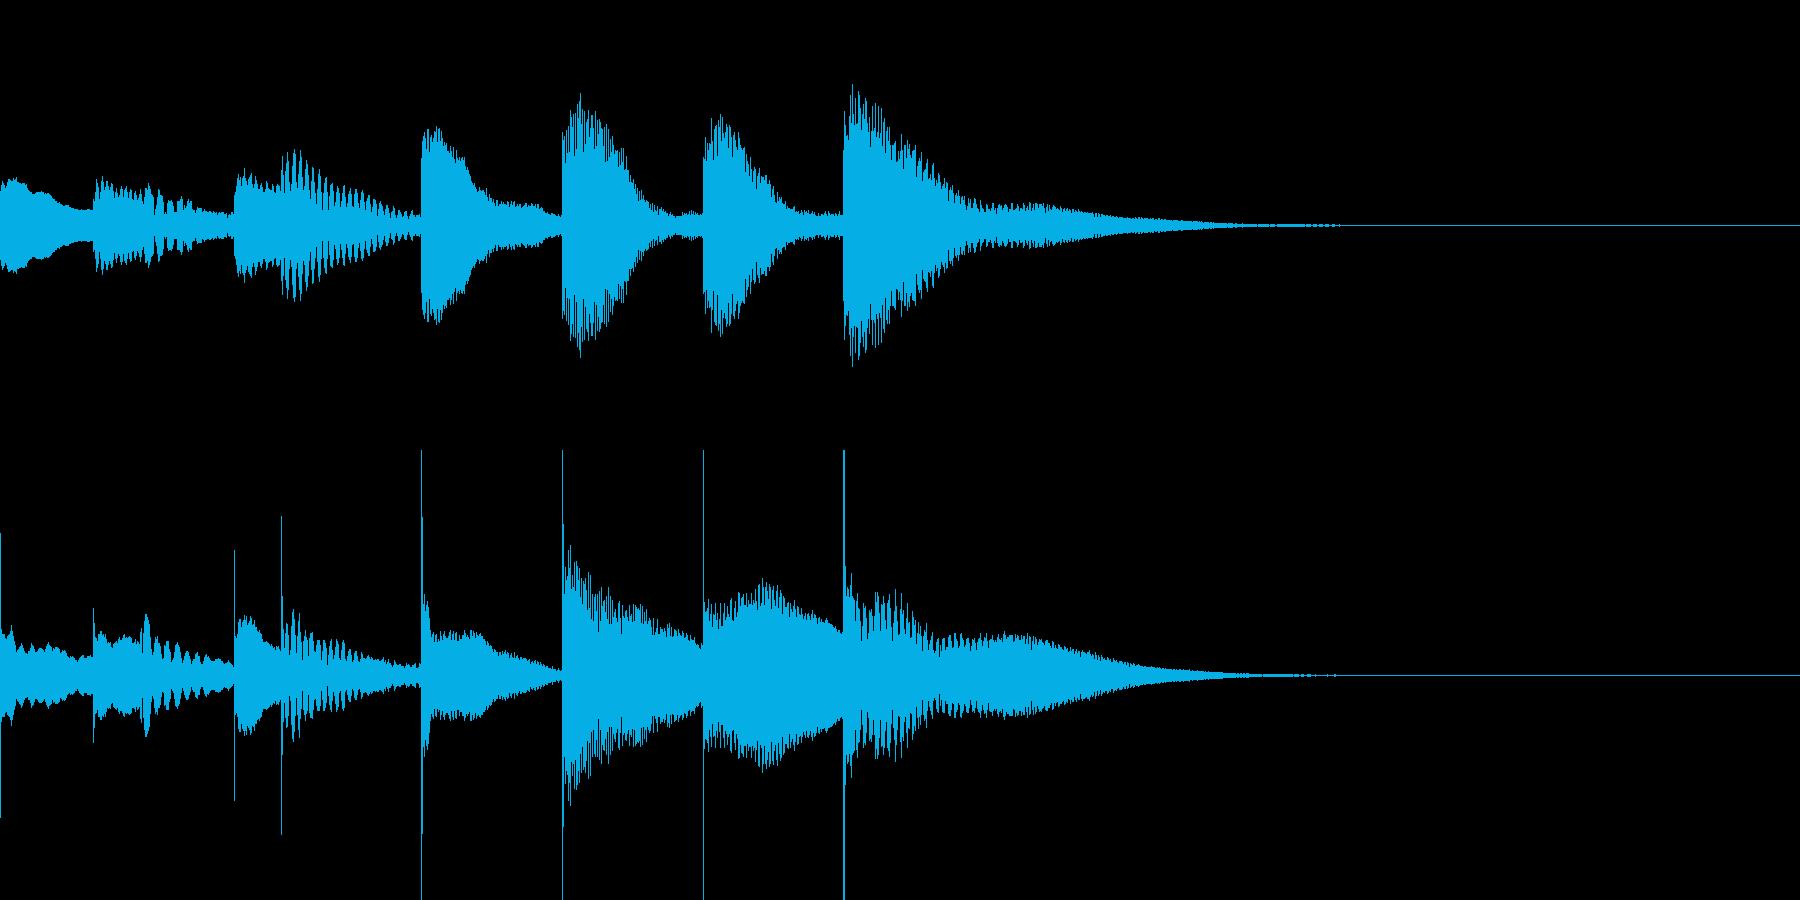 マリンバとグロッケンのジングル2の再生済みの波形